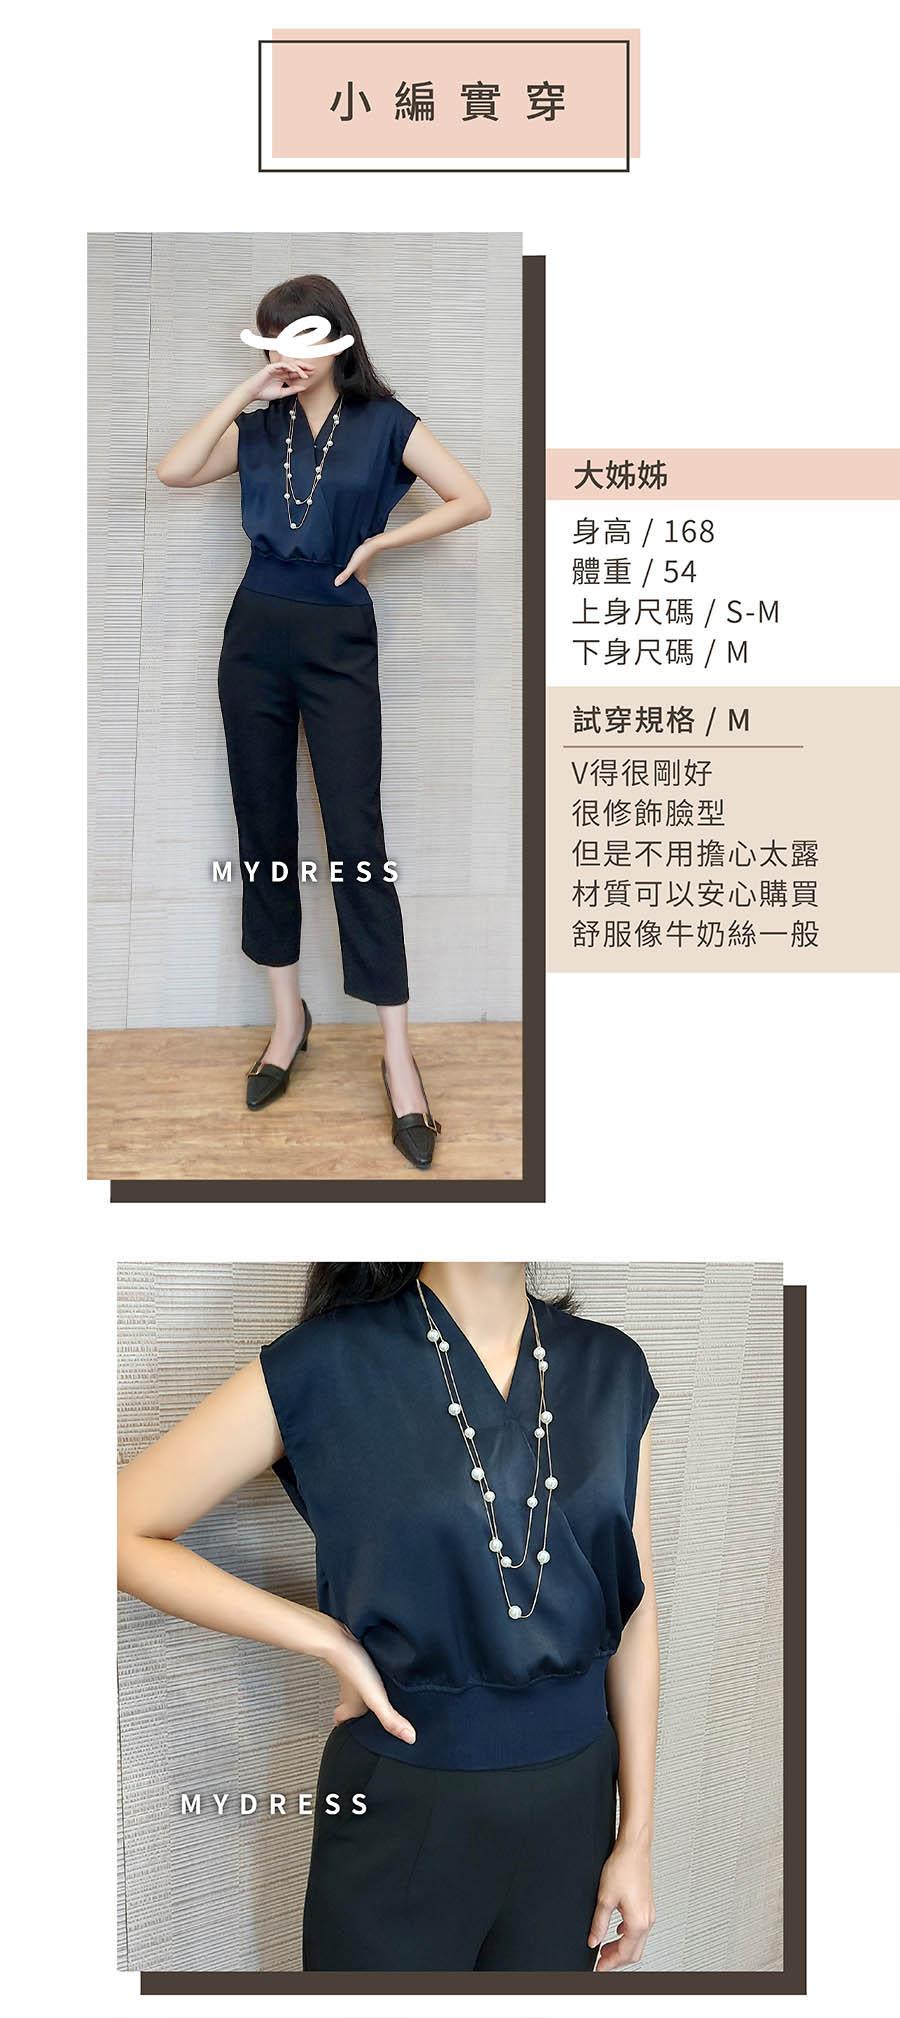 俐落時尚簡約質感V領上衣